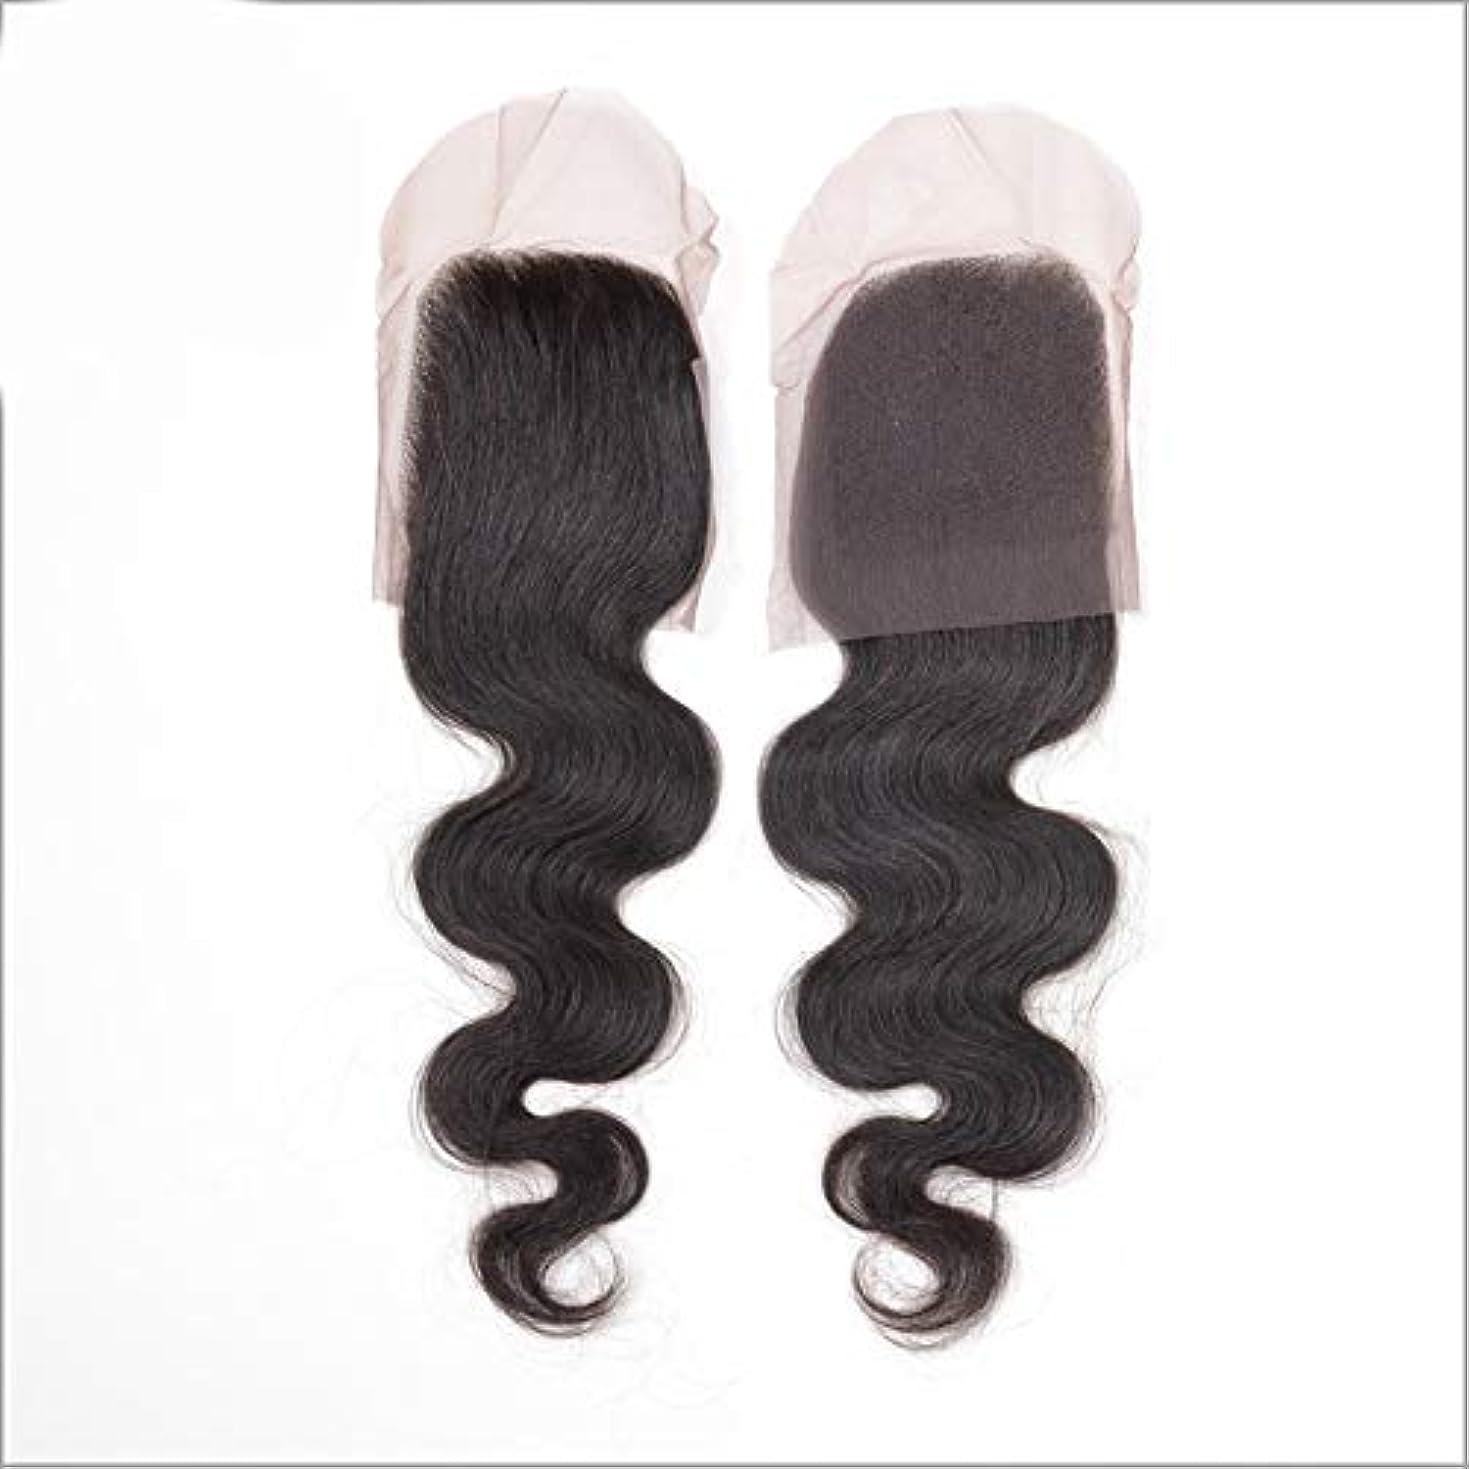 イソギンチャク古風な古風なHOHYLLYA ブラジル髪織りバンドルで閉鎖レース前頭4×4フリーパート実体波フルレースナチュラルヘアエクステンション用女性複合ヘアレースかつらロールプレイングかつら (色 : 黒, サイズ : 10 inch)